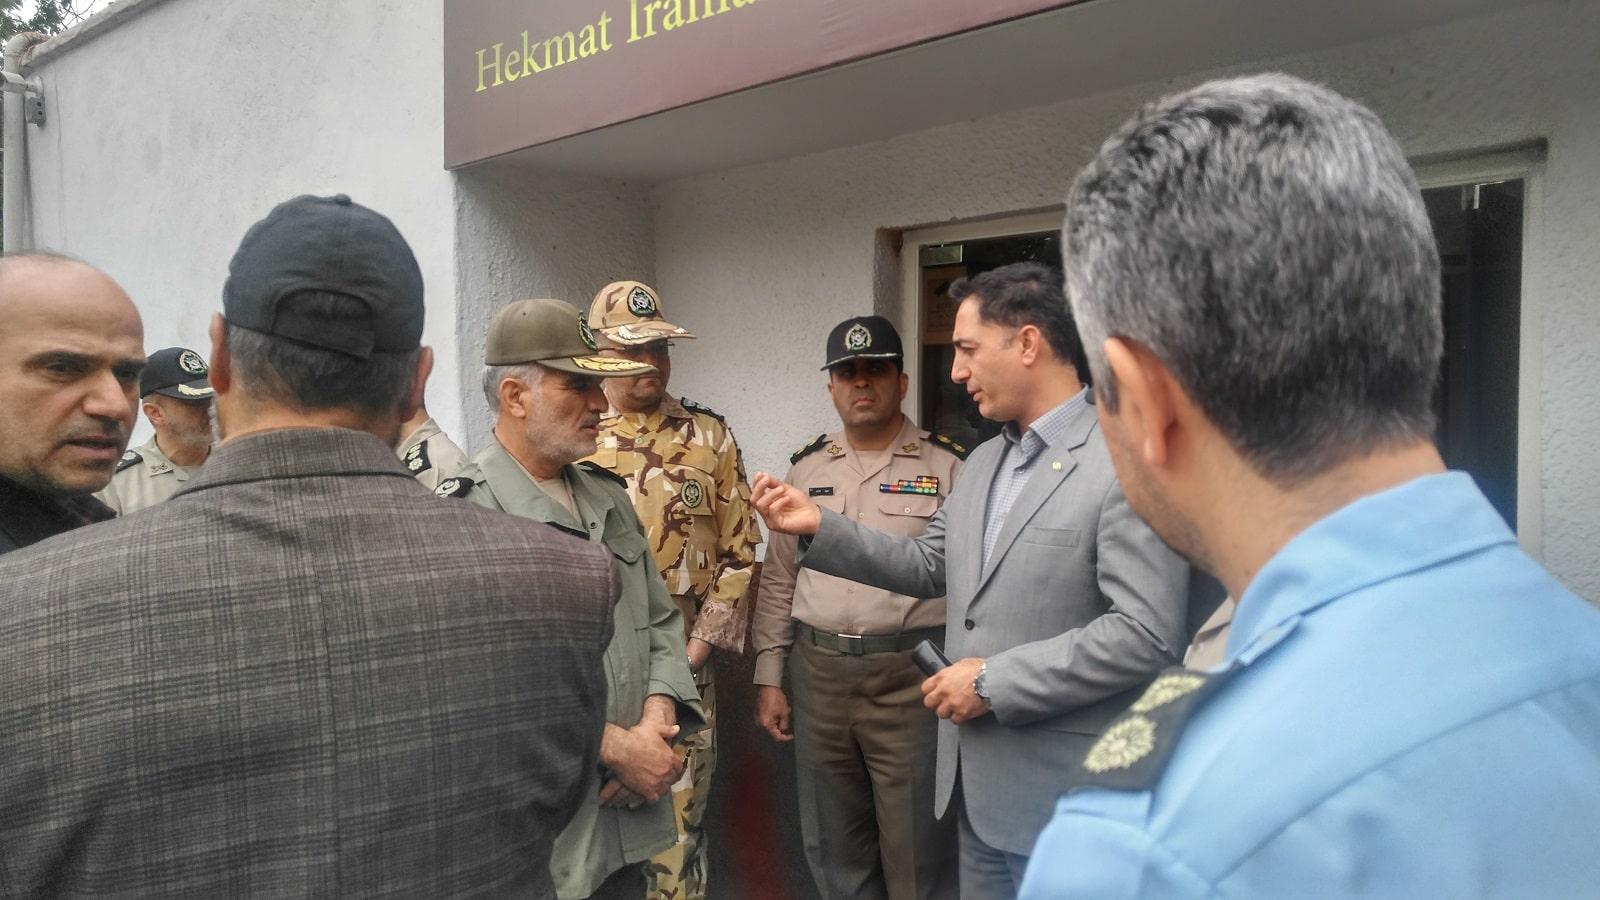 بازدید امیر سرتیپ محمودی معاون اجرایی ارتش